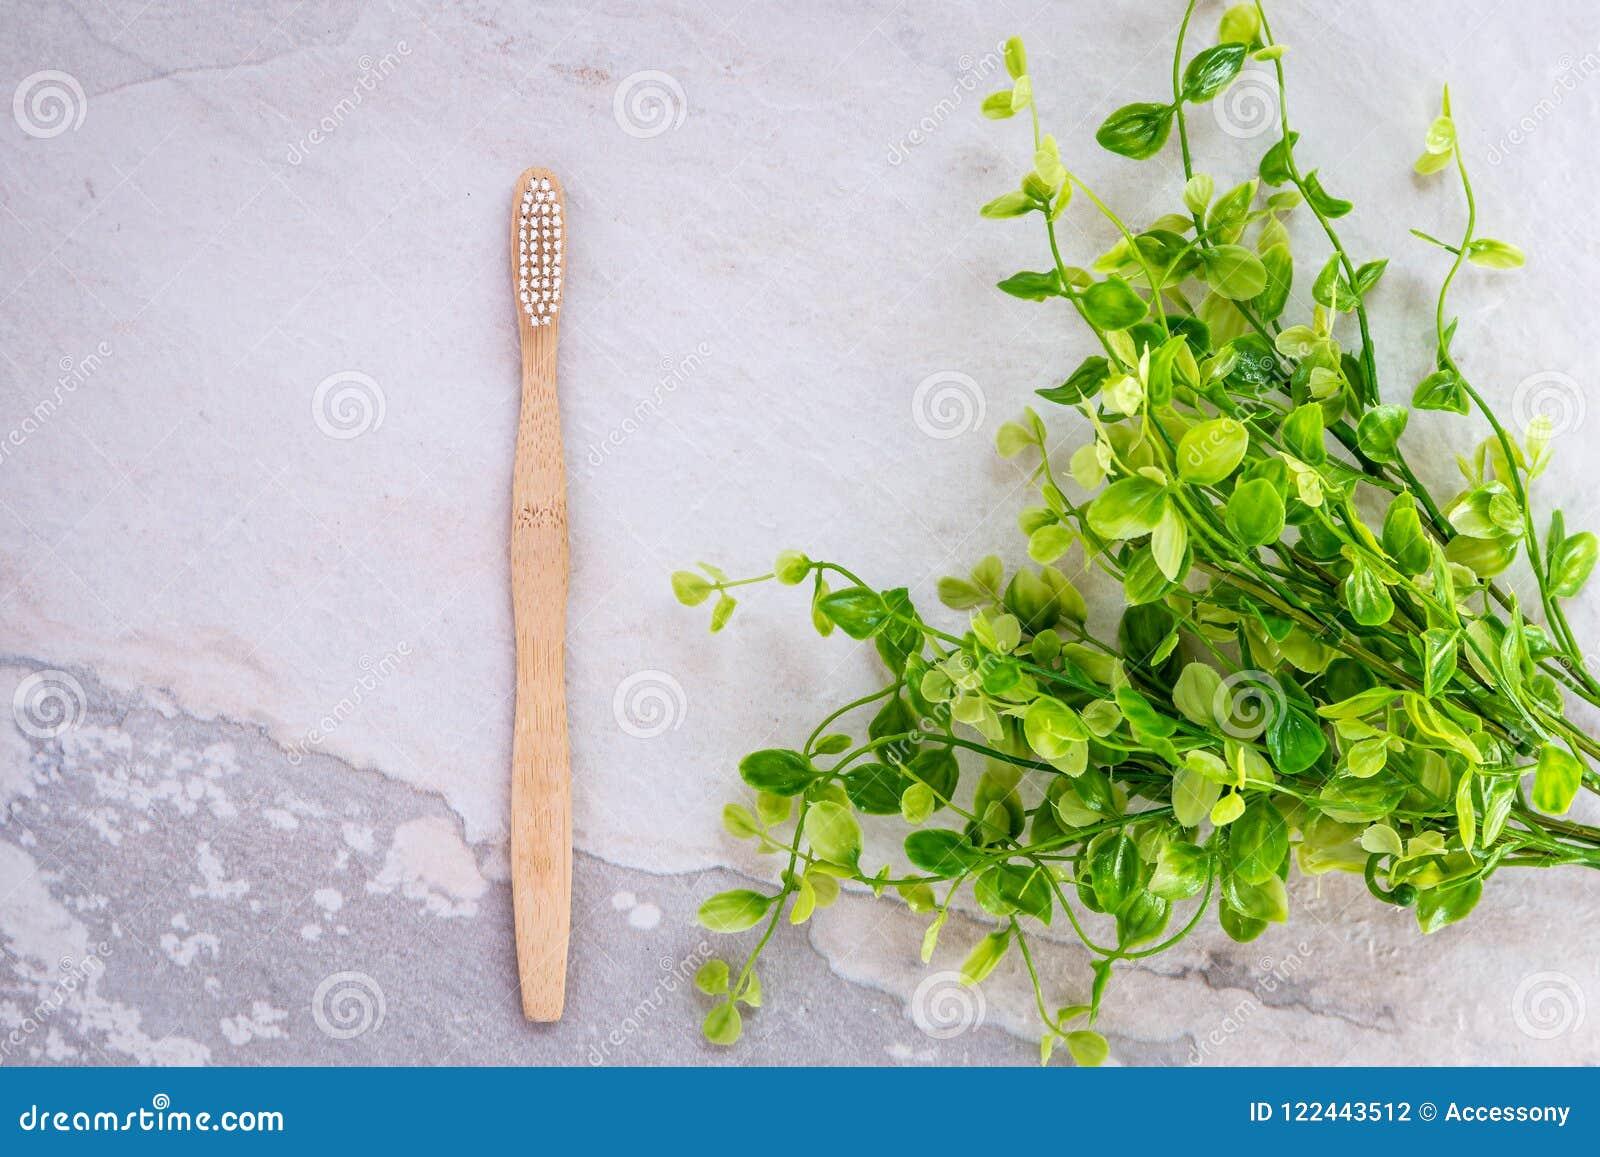 Brosse à Dents En Bambou Biodégradable Sur Une Partie Supérieure Du